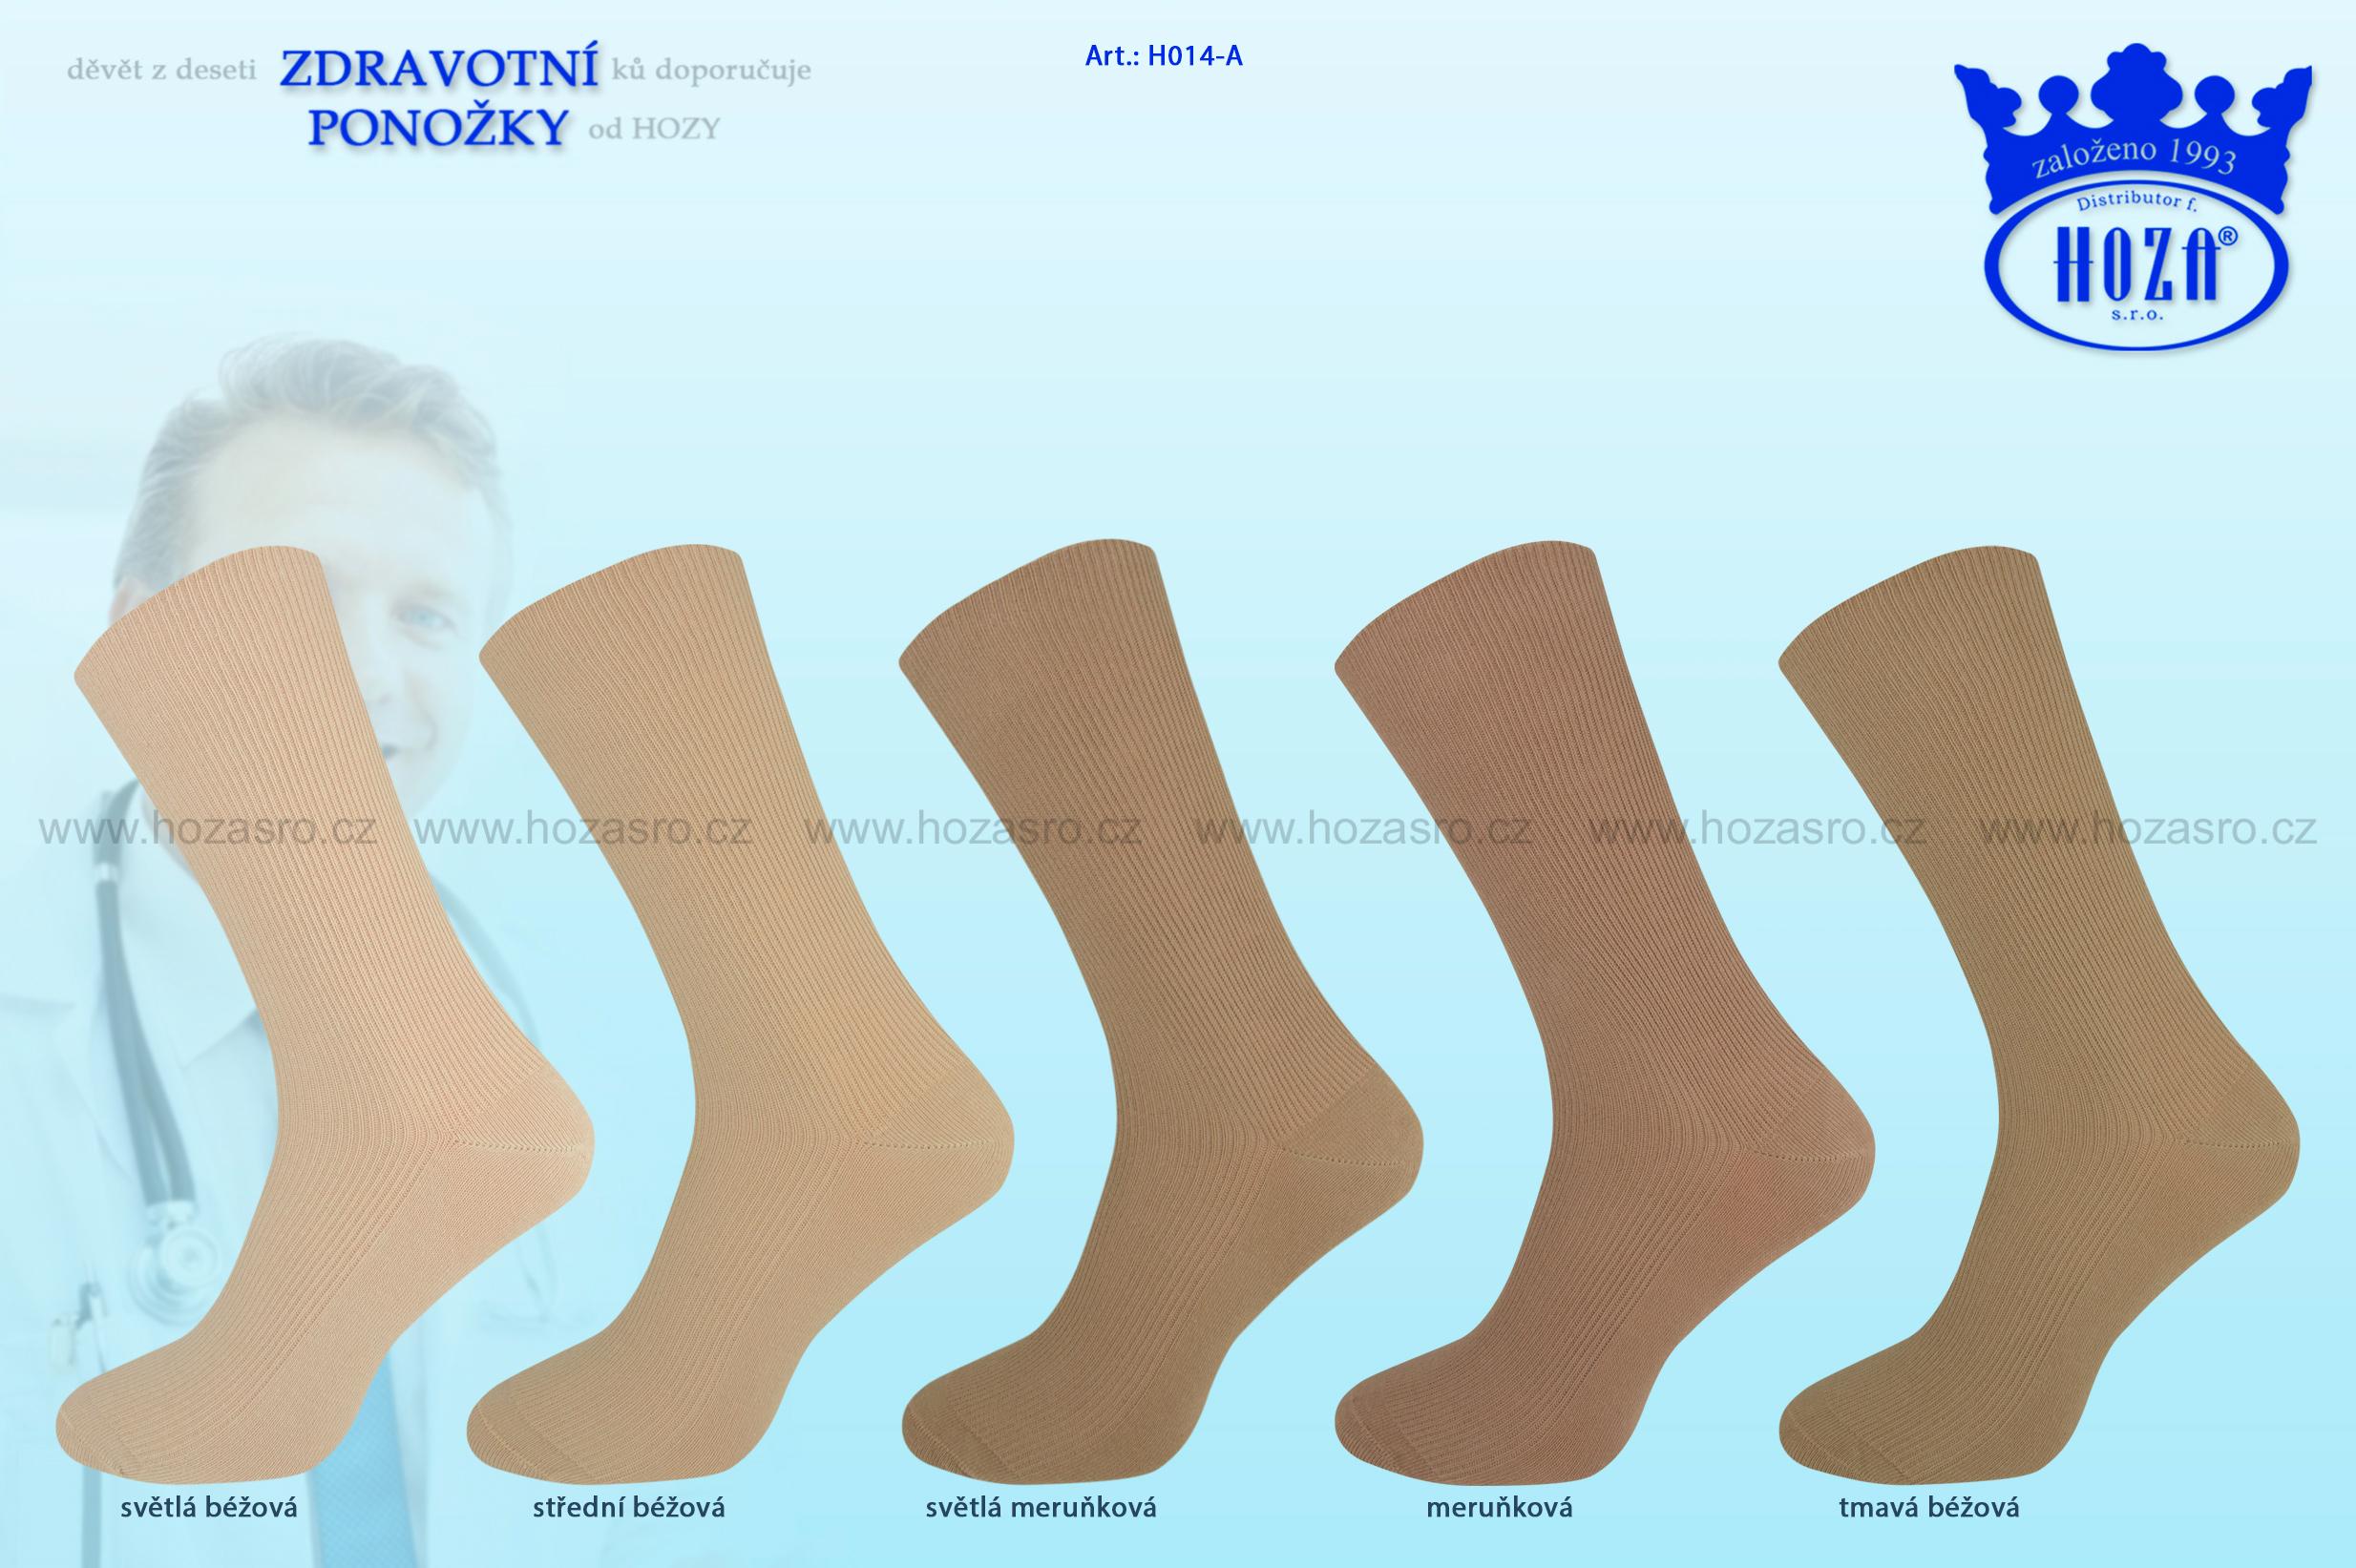 Pánské ponožky zdravotní, 100% bavlna - hnědý mix - H014-A